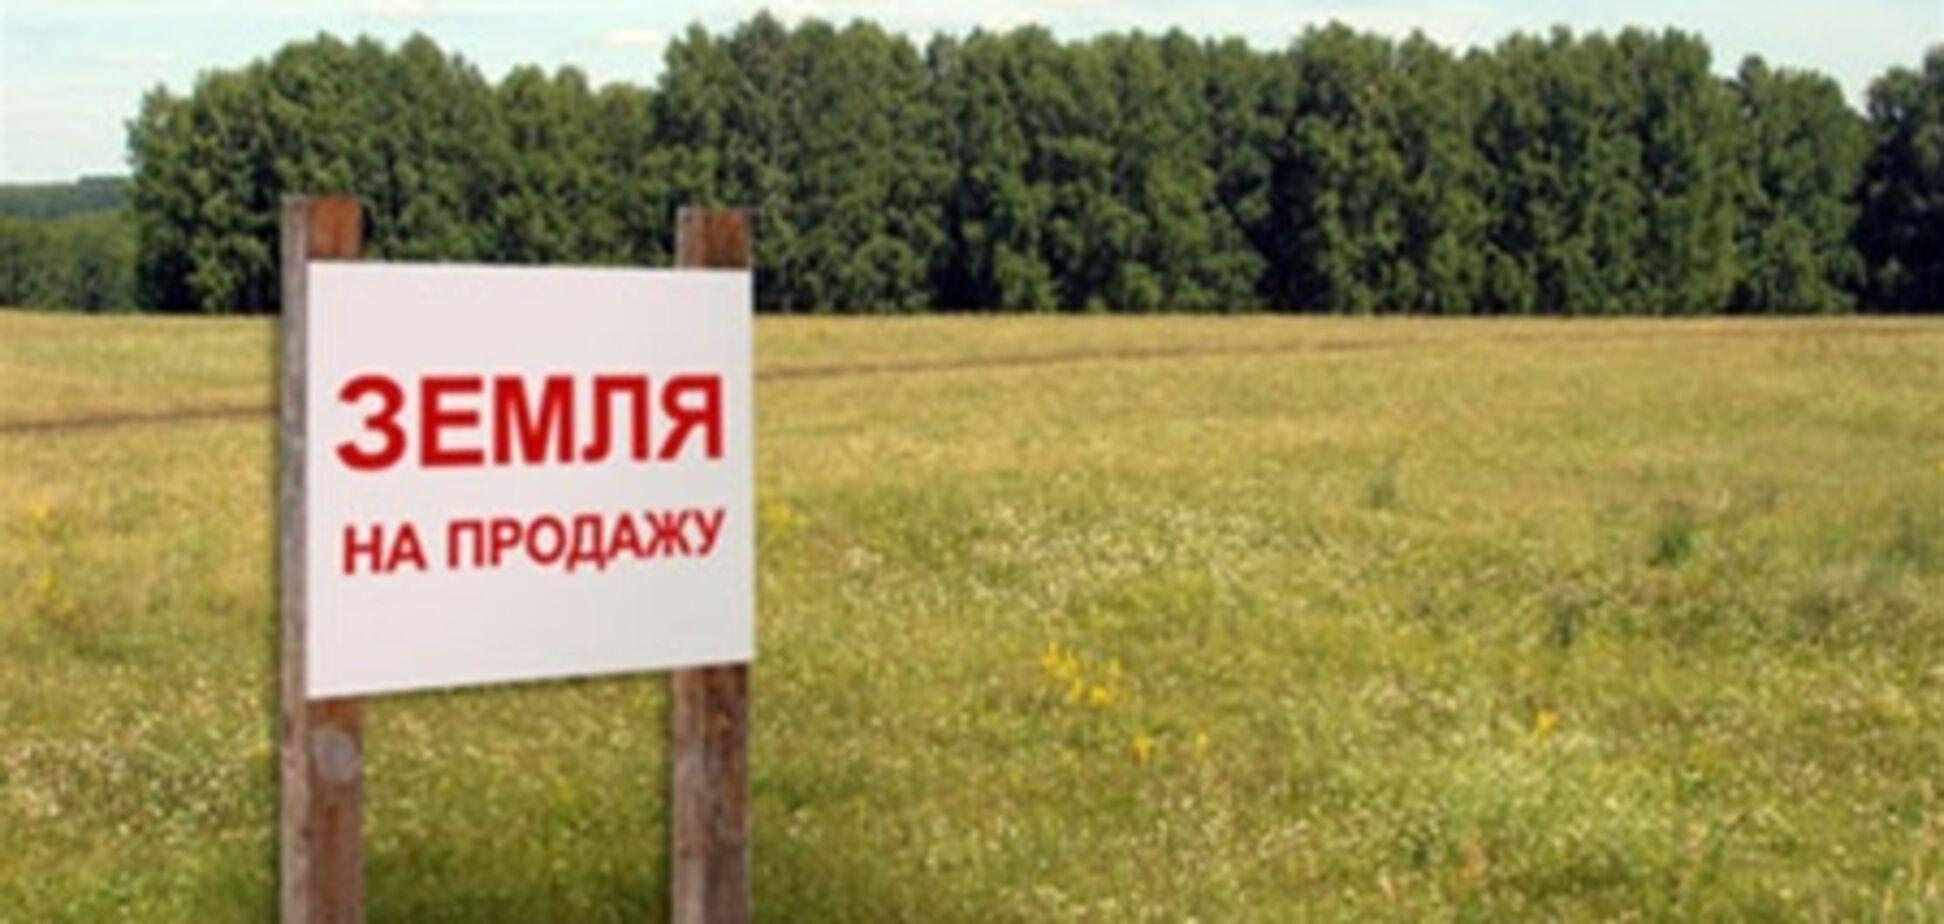 Стало известно, сколько стоит украинская земля